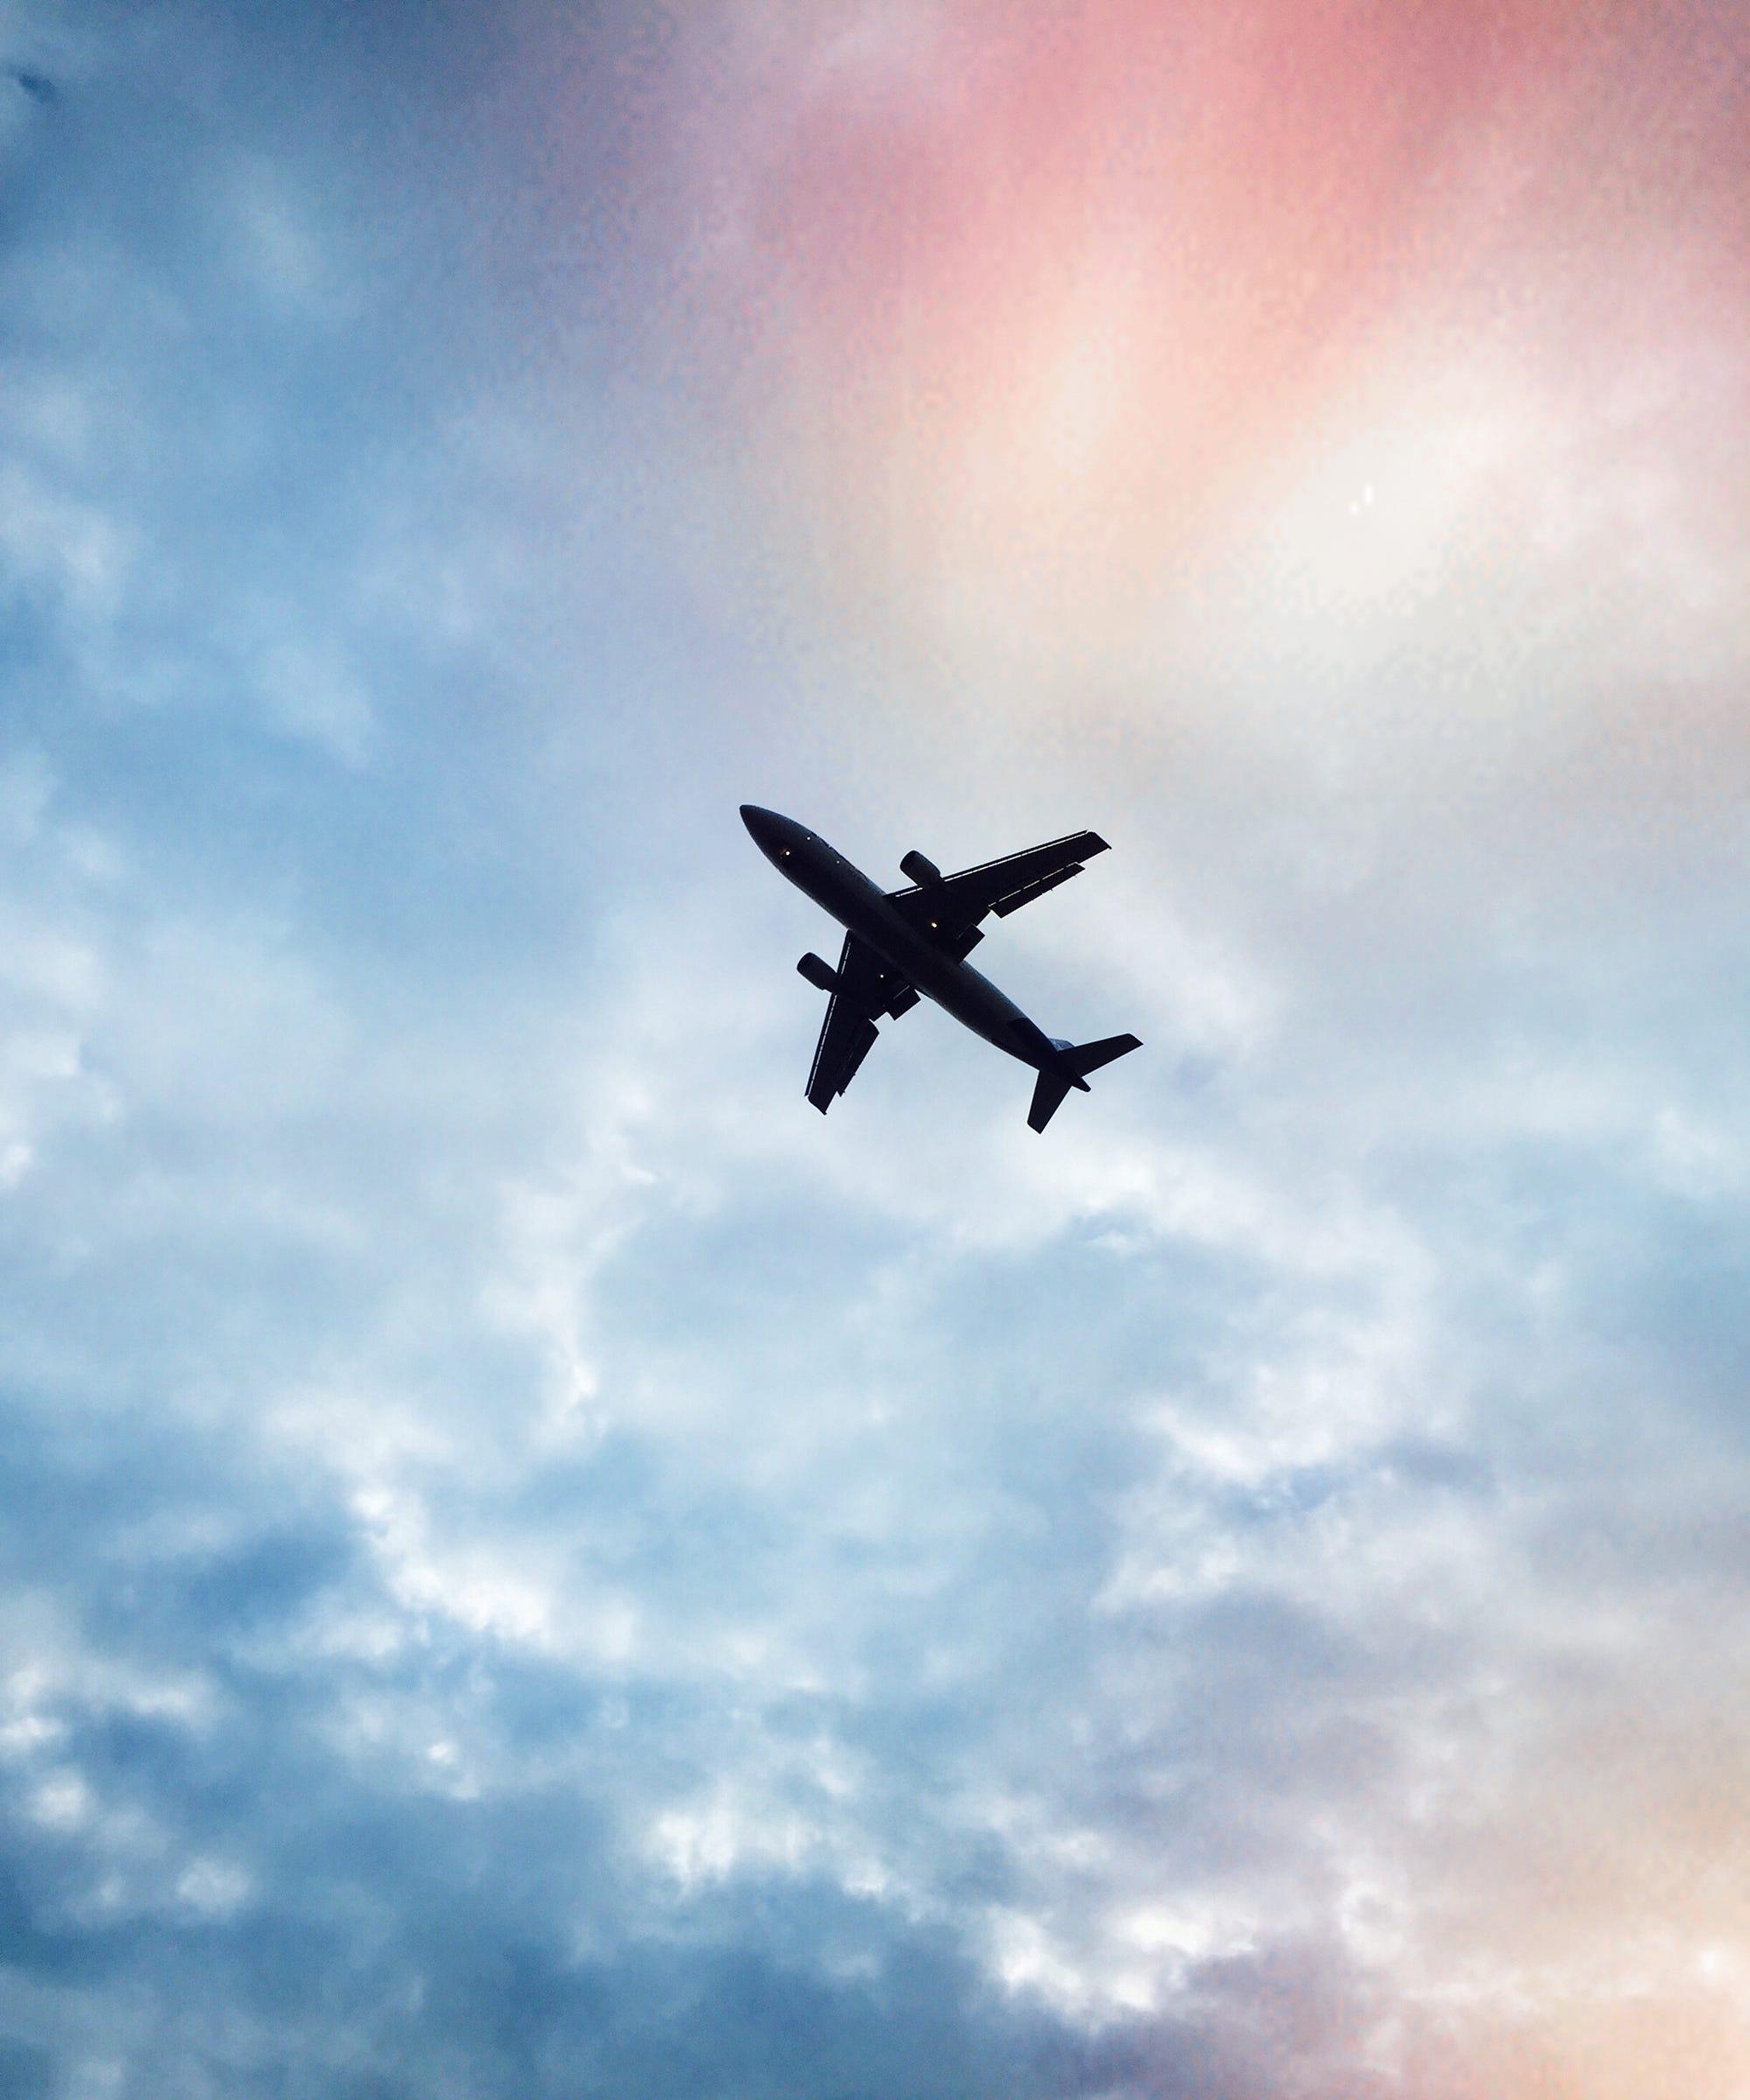 Spring Break Flight Deals 2019 How To Book Last Minute